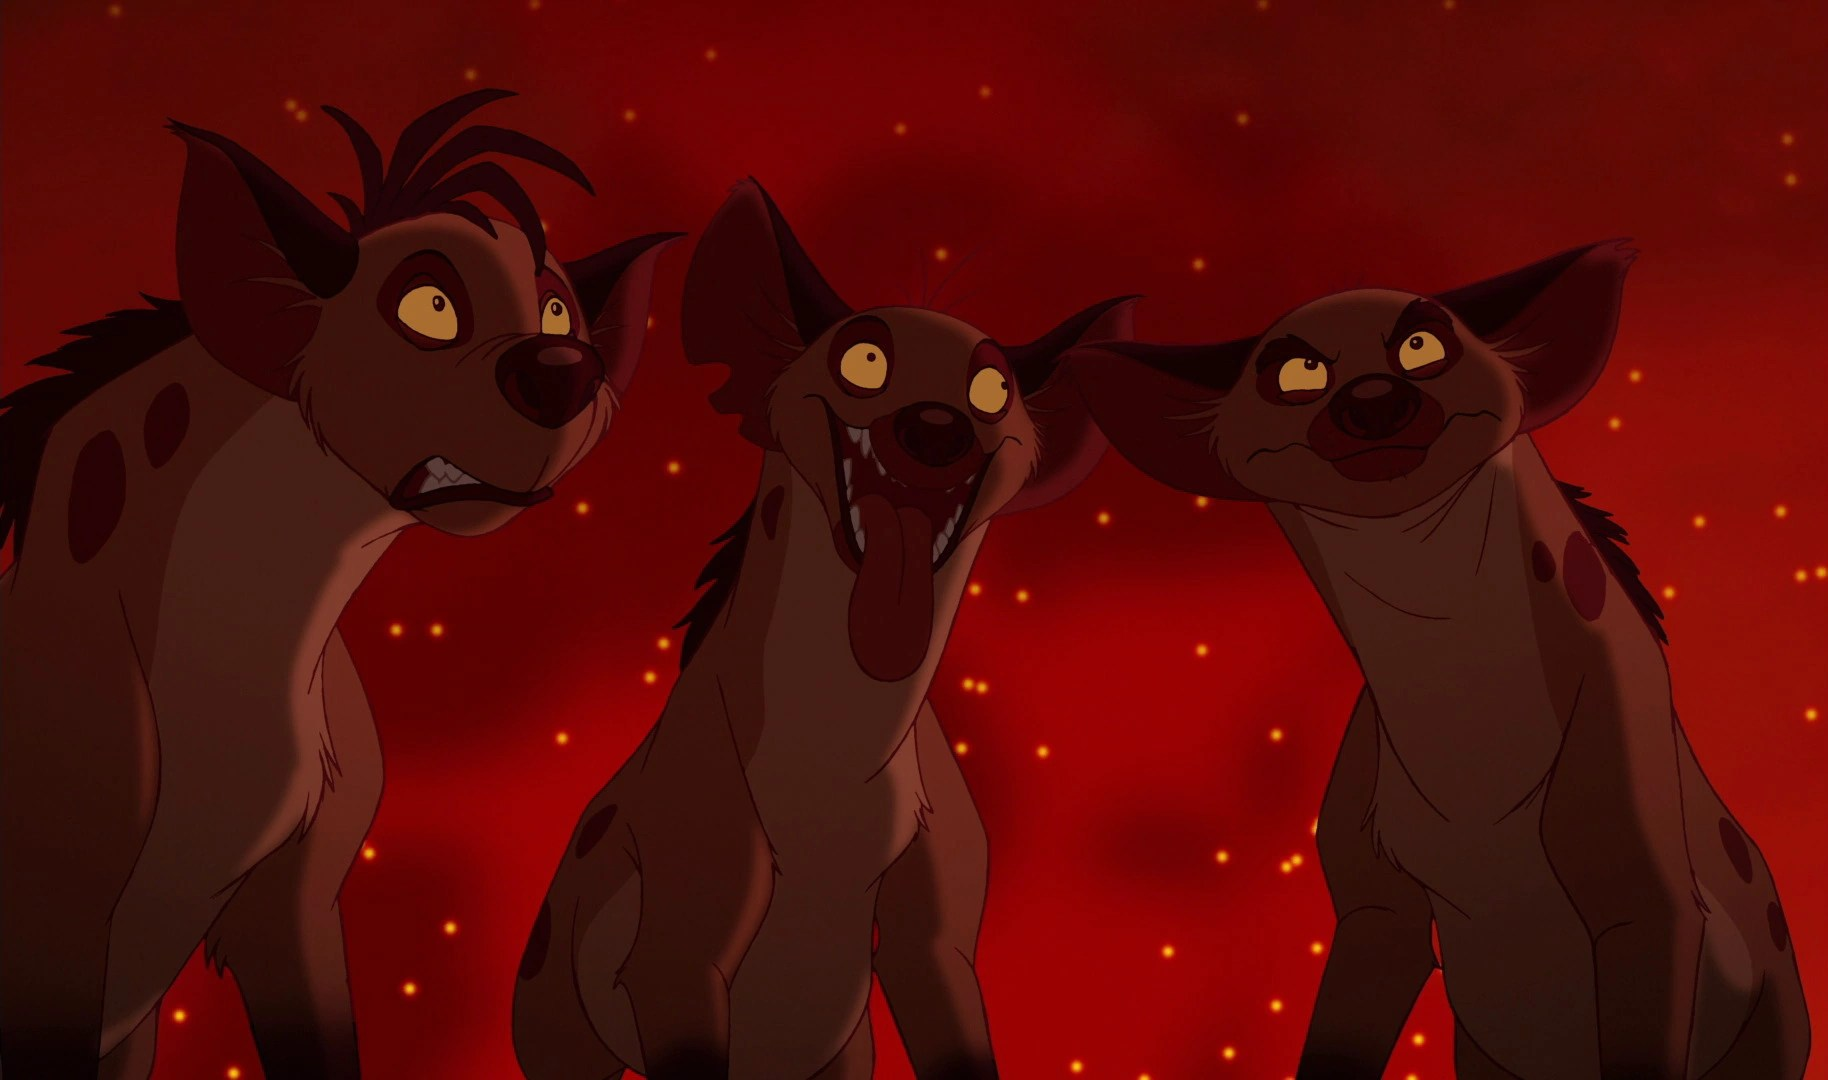 the lion king 1 12 hyena joke